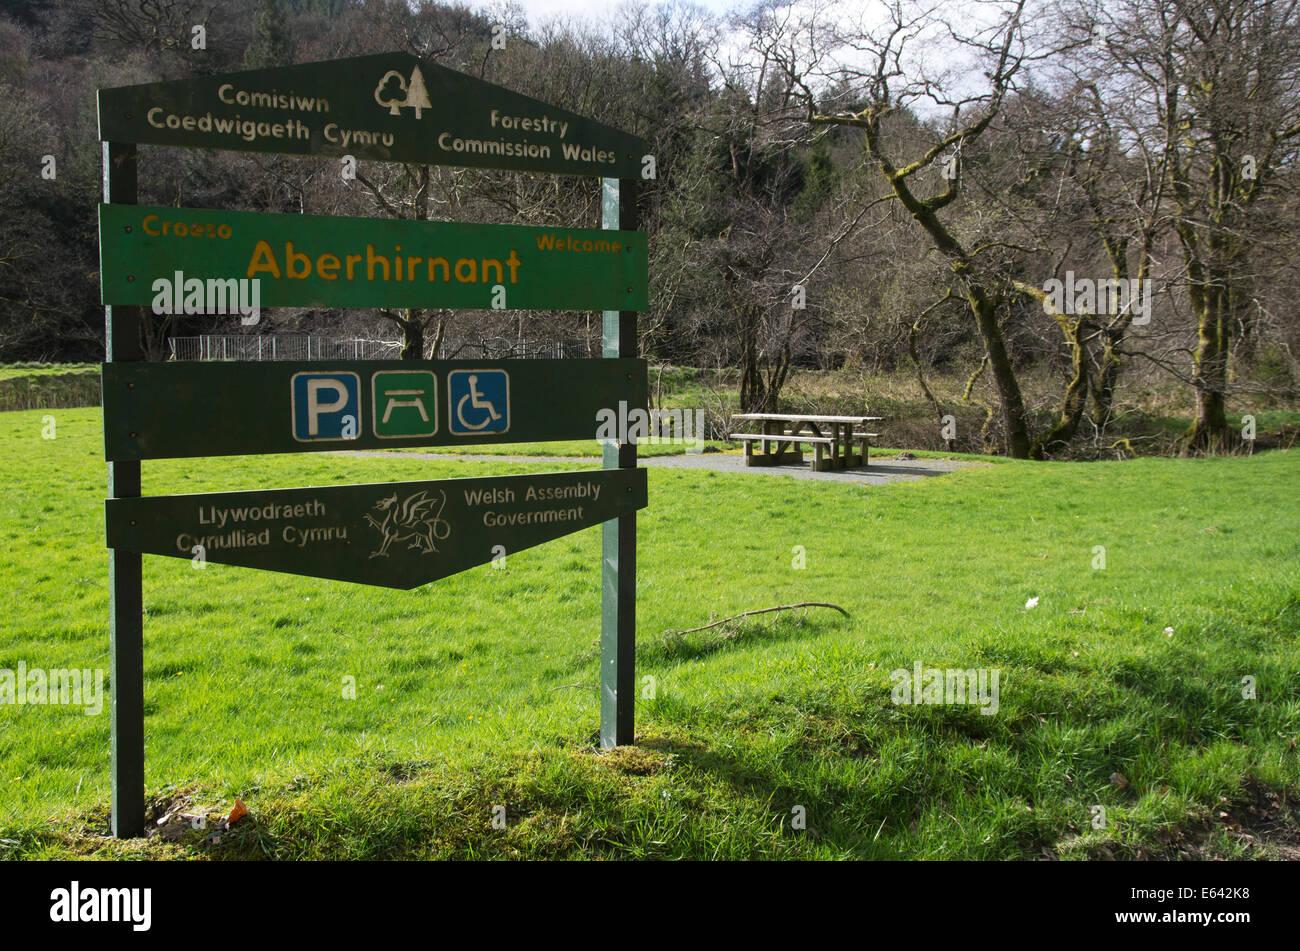 Wales Parking Sign Imágenes De Stock   Wales Parking Sign Fotos De ... 687fbc90cebe2